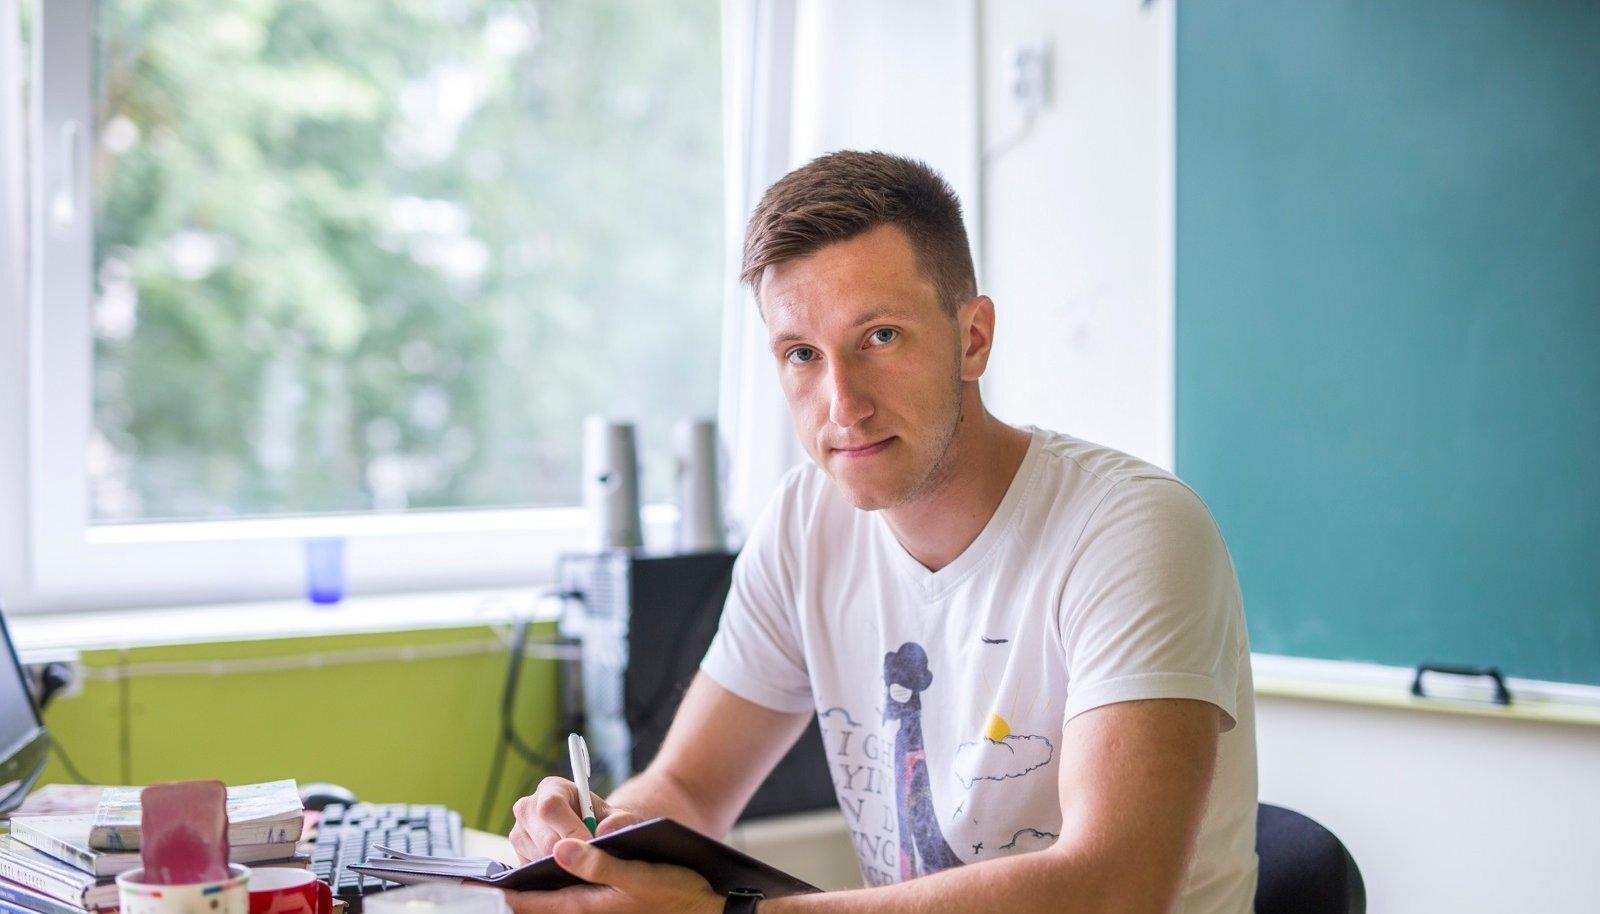 Noor õpetaja Kristjan Lukk soovib, et koolides väärtustataks senisest palju rohkem teadmiste omandamist, mitte hindeid.